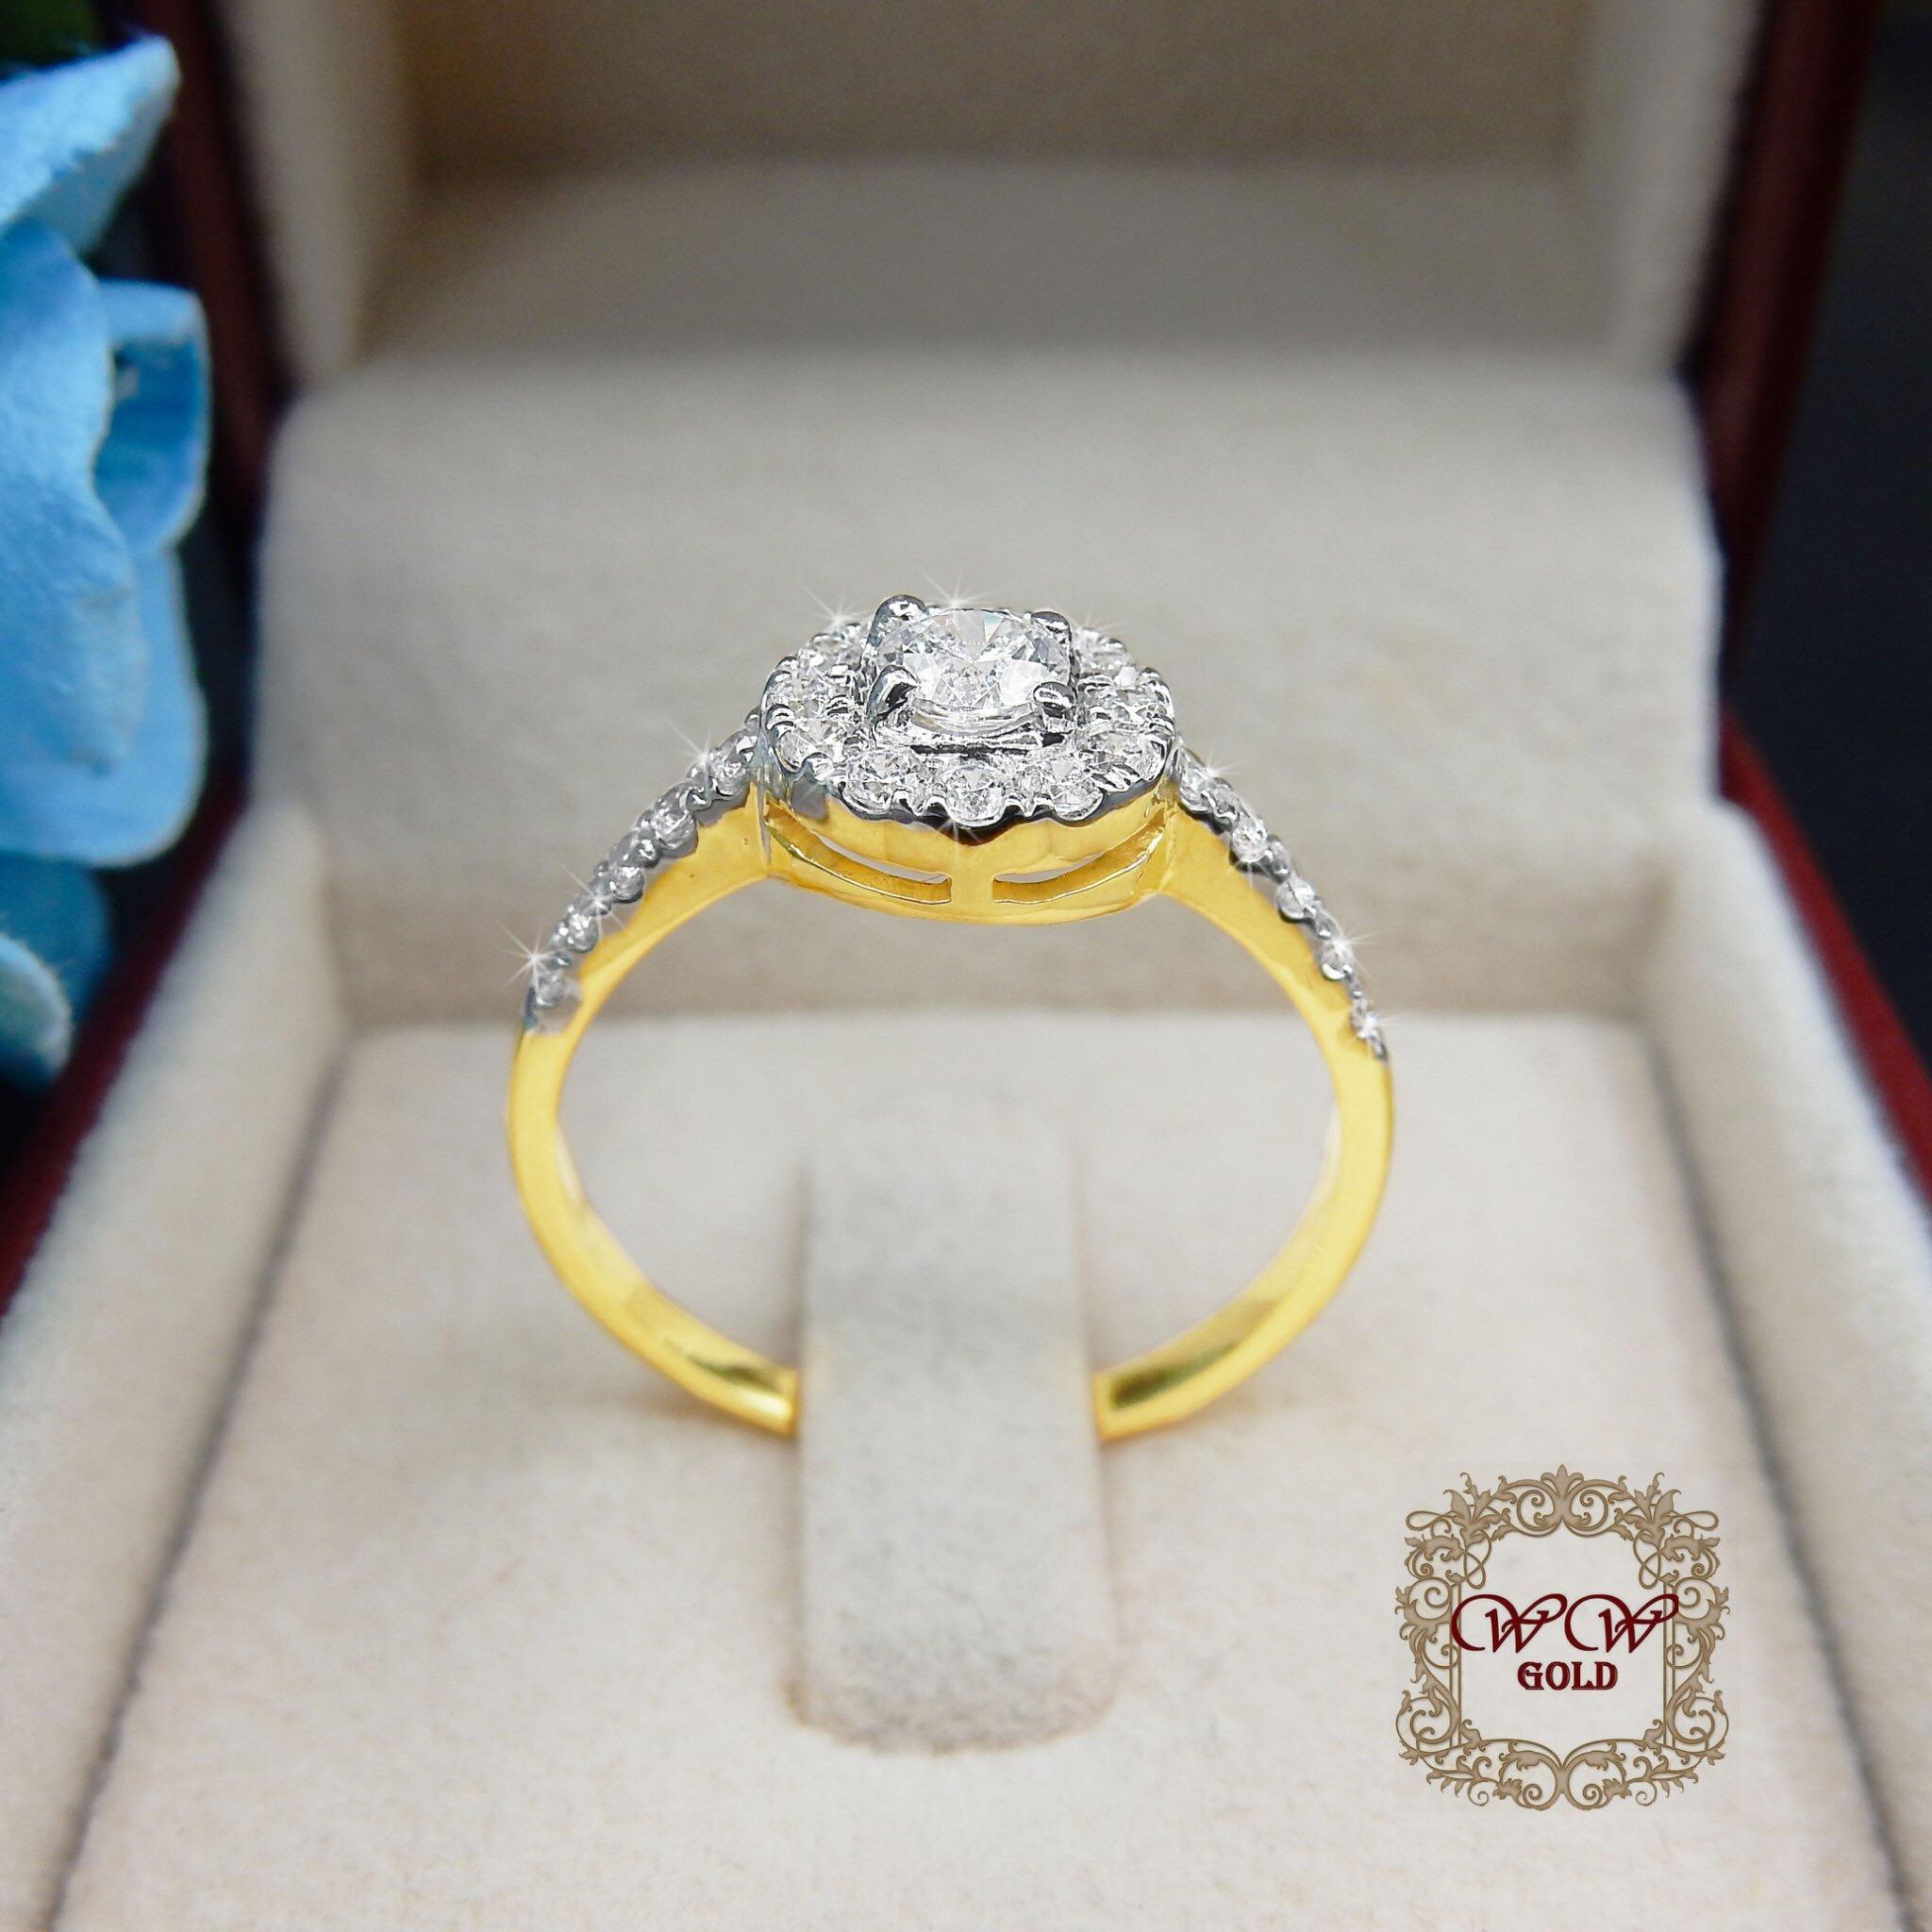 แหวนเพชรเบลเยี่ยม (Hat 1)